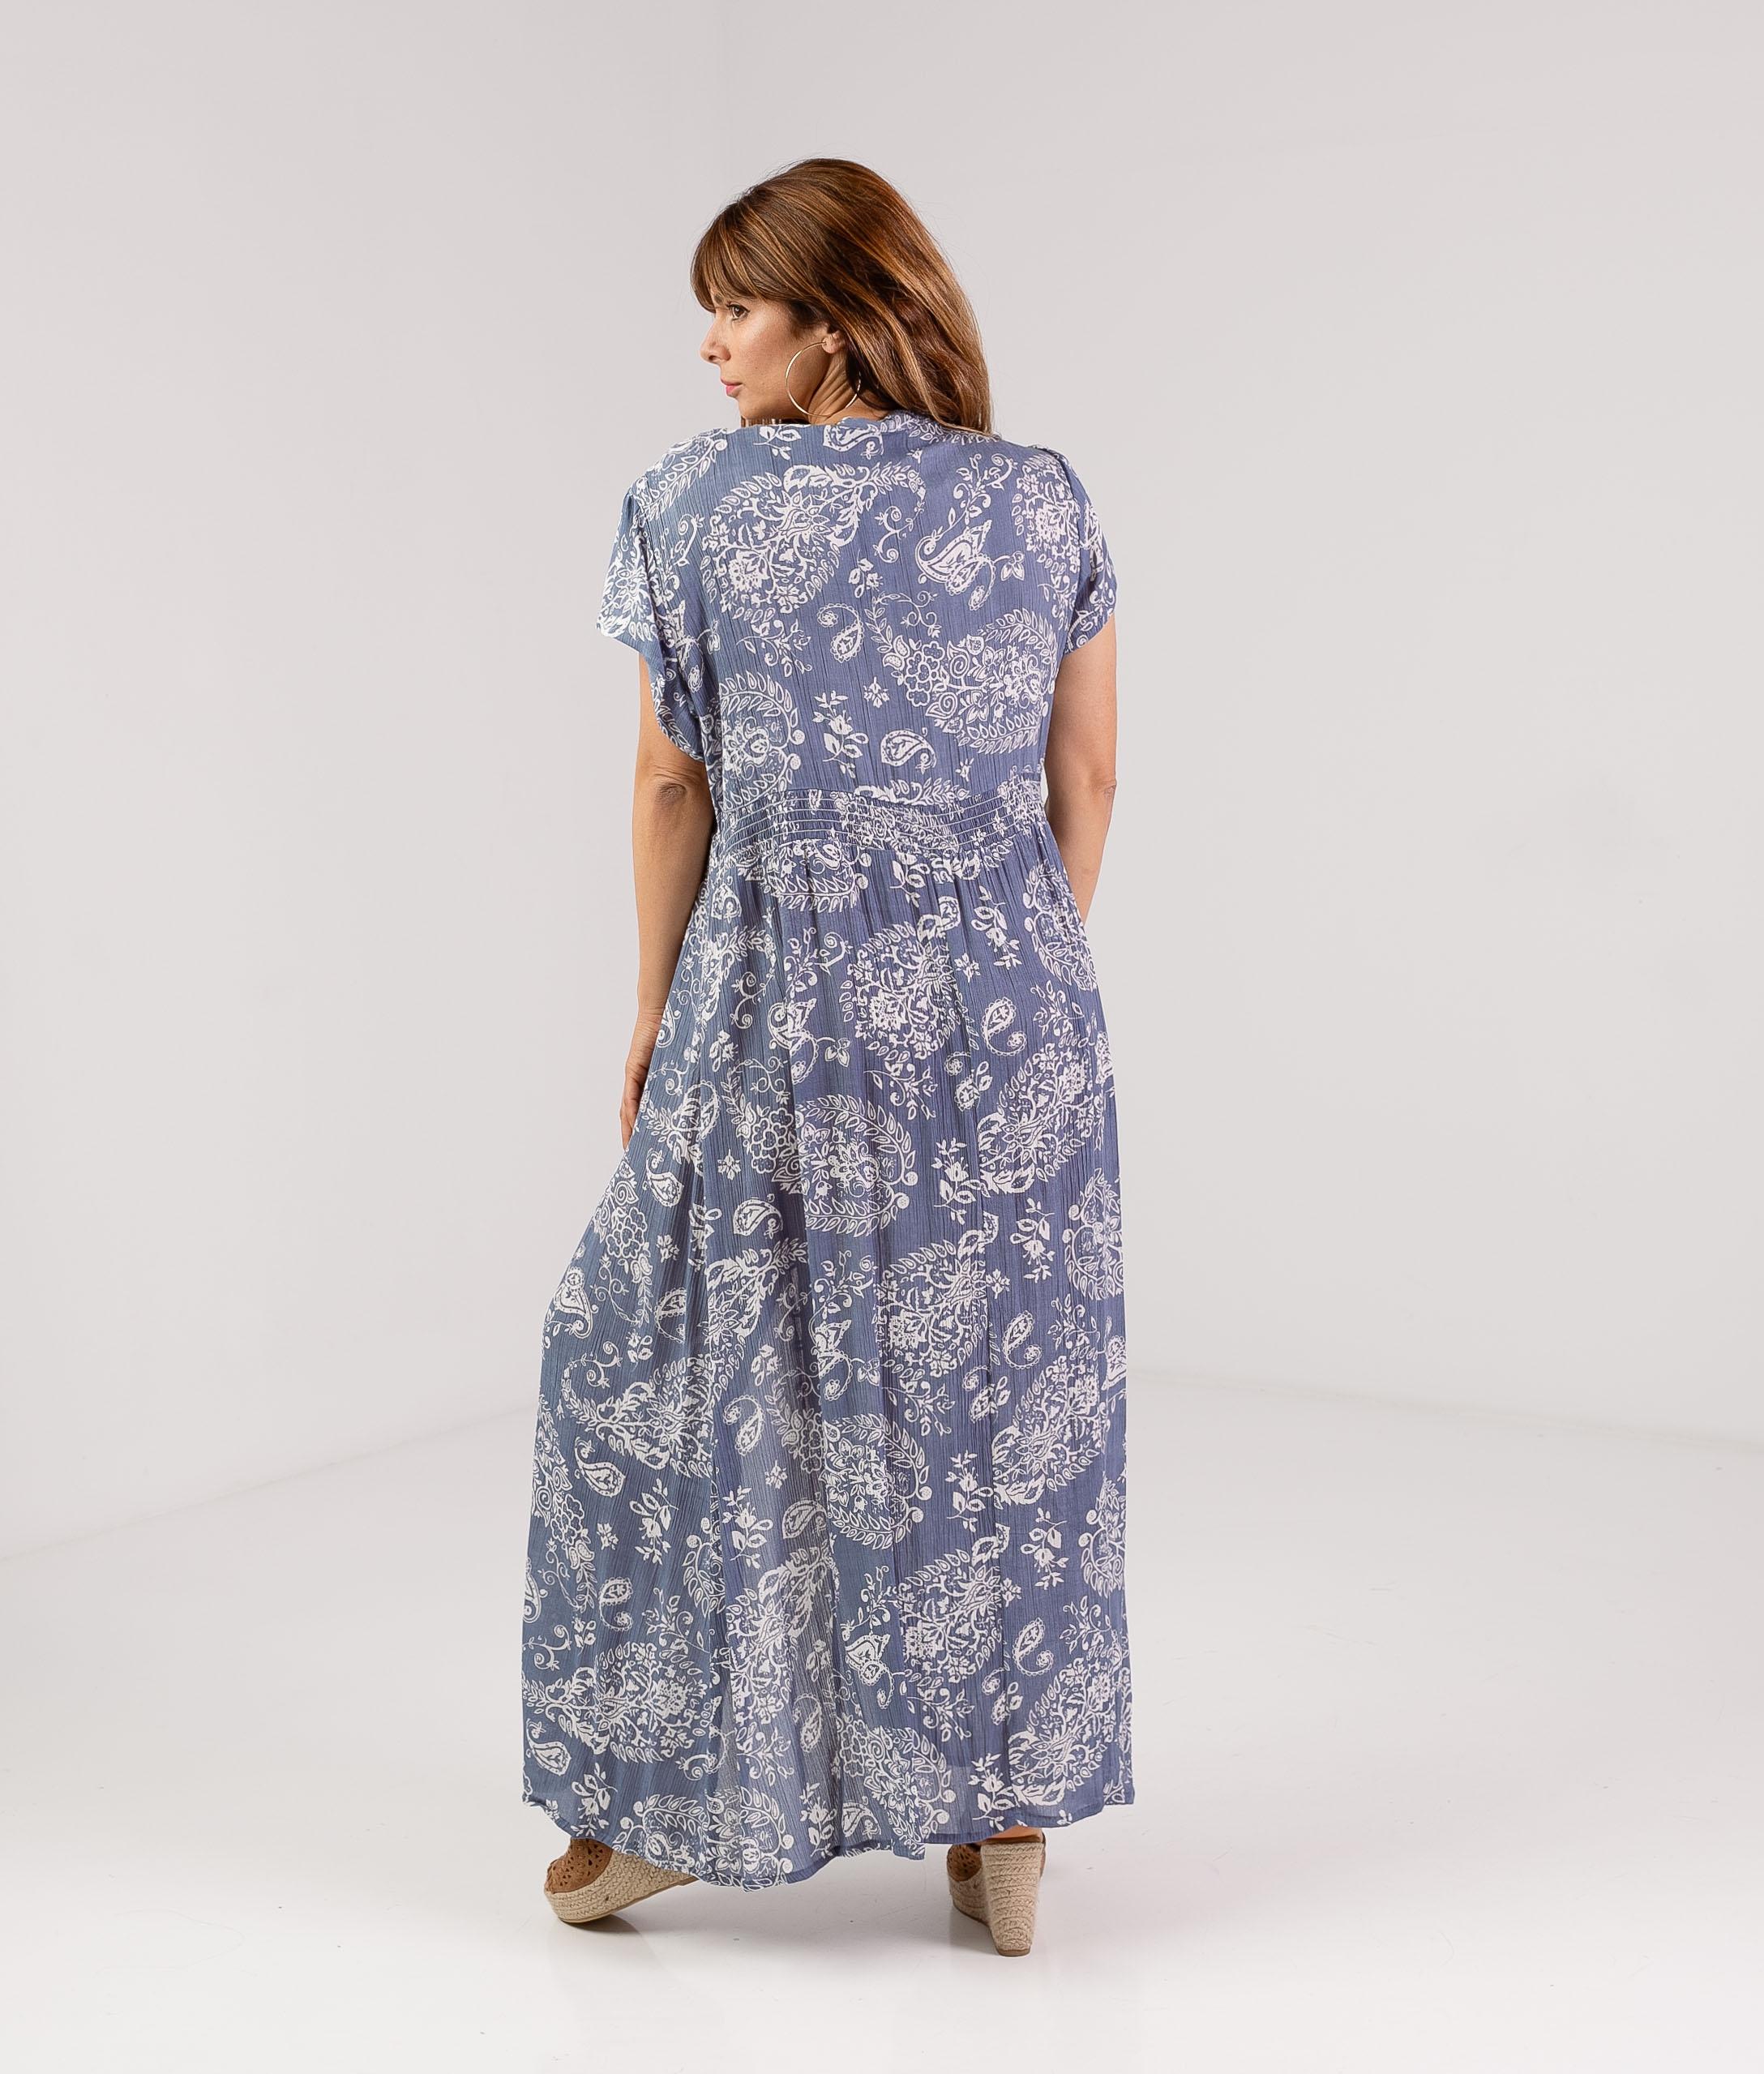 DRESS YUNSER - BLUE